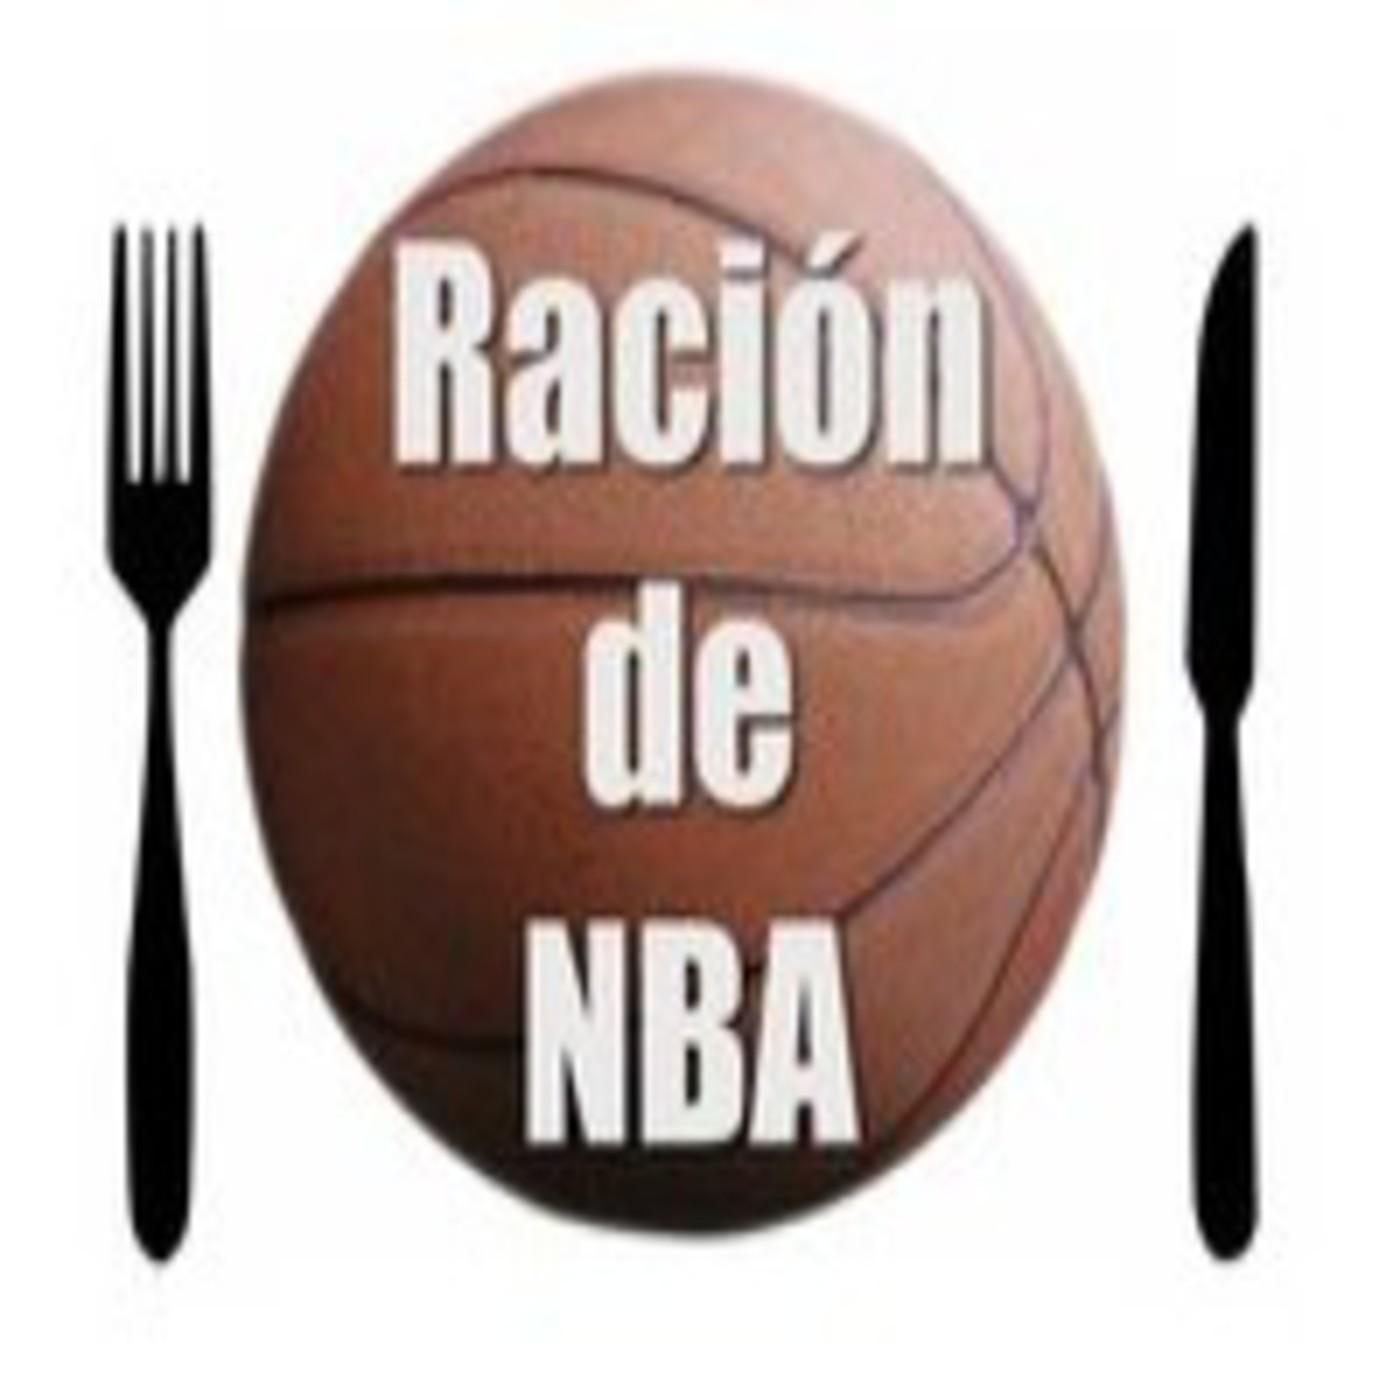 Racion de NBA episodio 29 (21/08/2011)